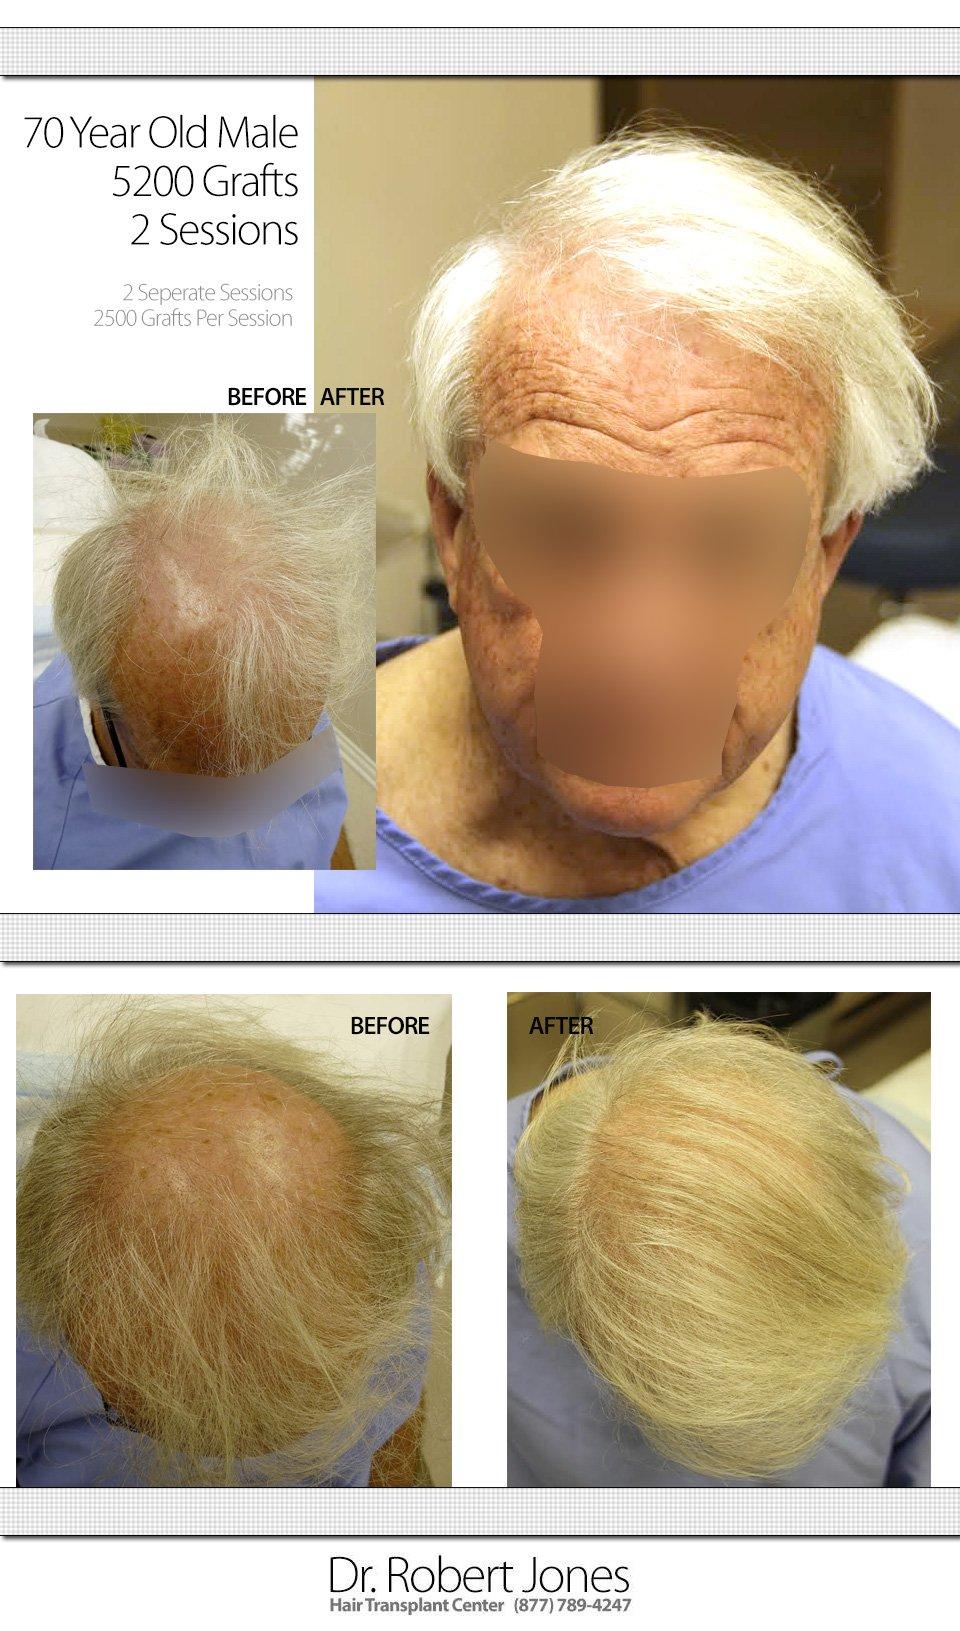 2014-10-22-tallslide-multi-70-yo-male-5000-grafts-mg-1